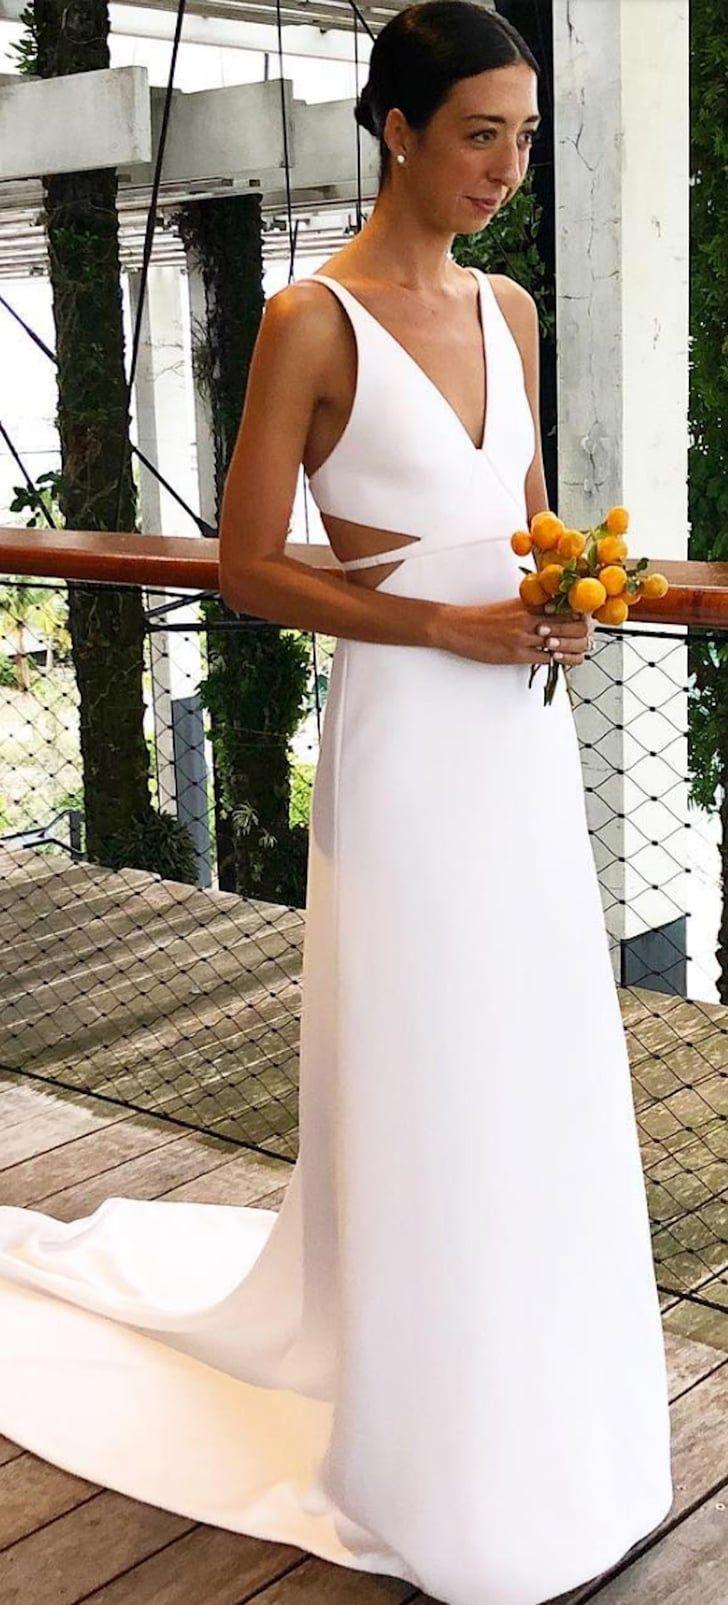 This Stylist Wore The Chicest Calvin Klein Wedding Dress In